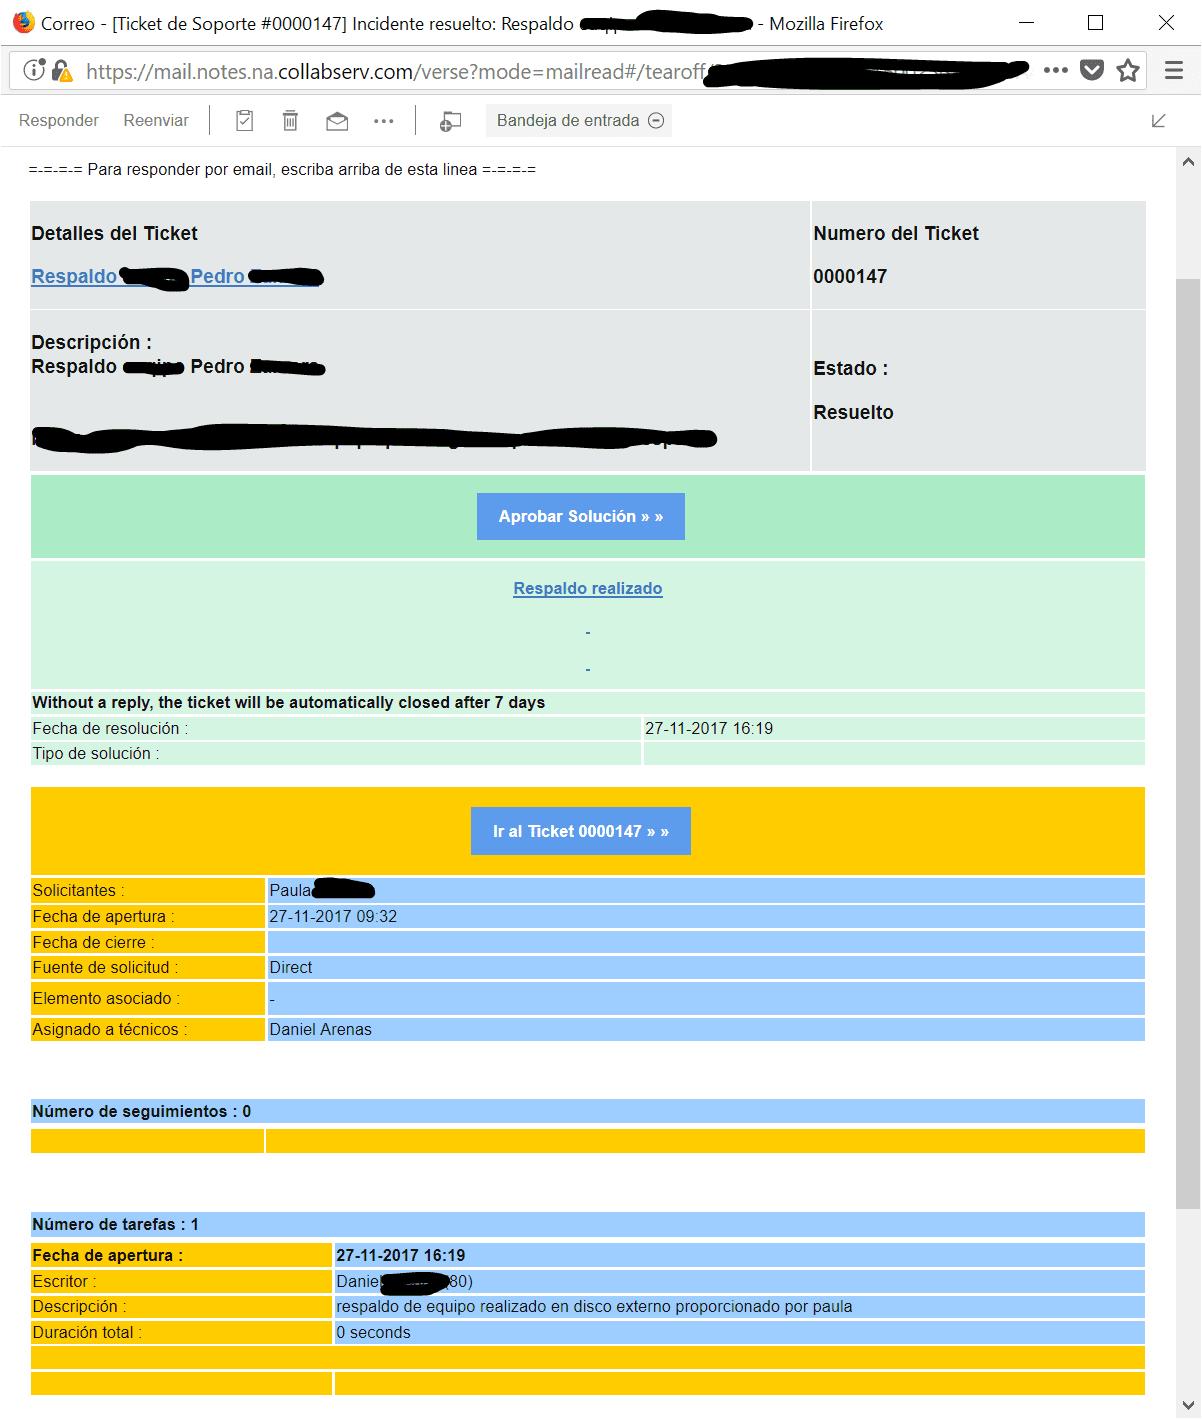 GLPI - Gestión Libre del Parque Informático